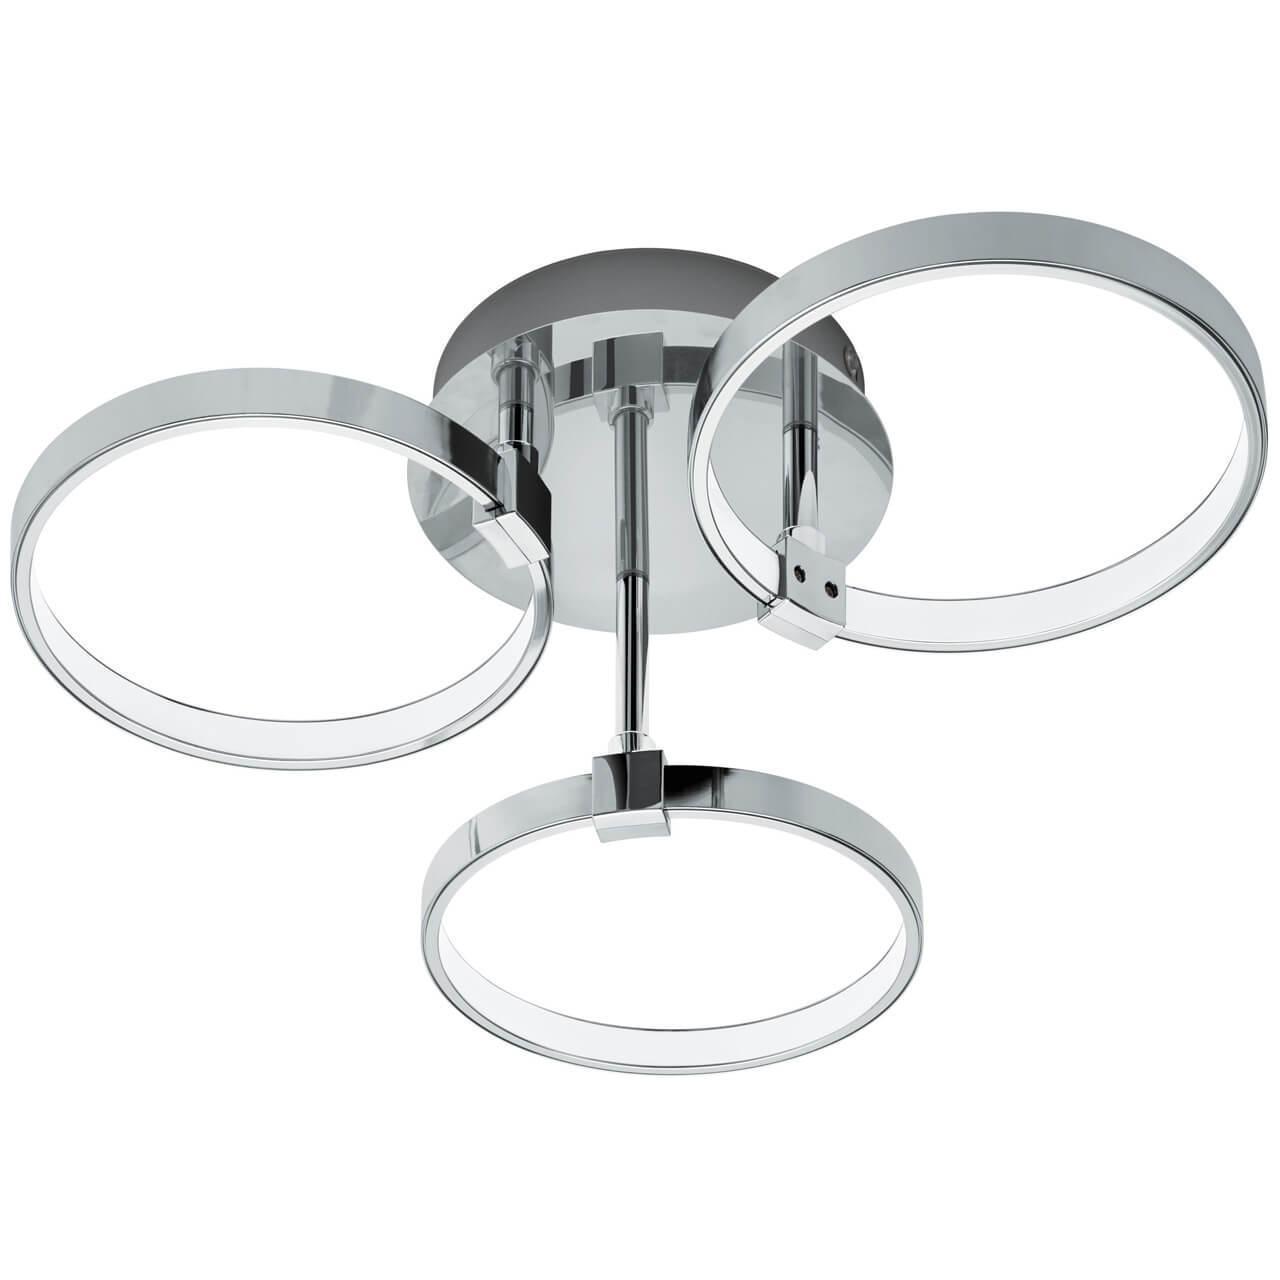 Потолочный светильник Eglo 96638, LED, 5.6 Вт цена